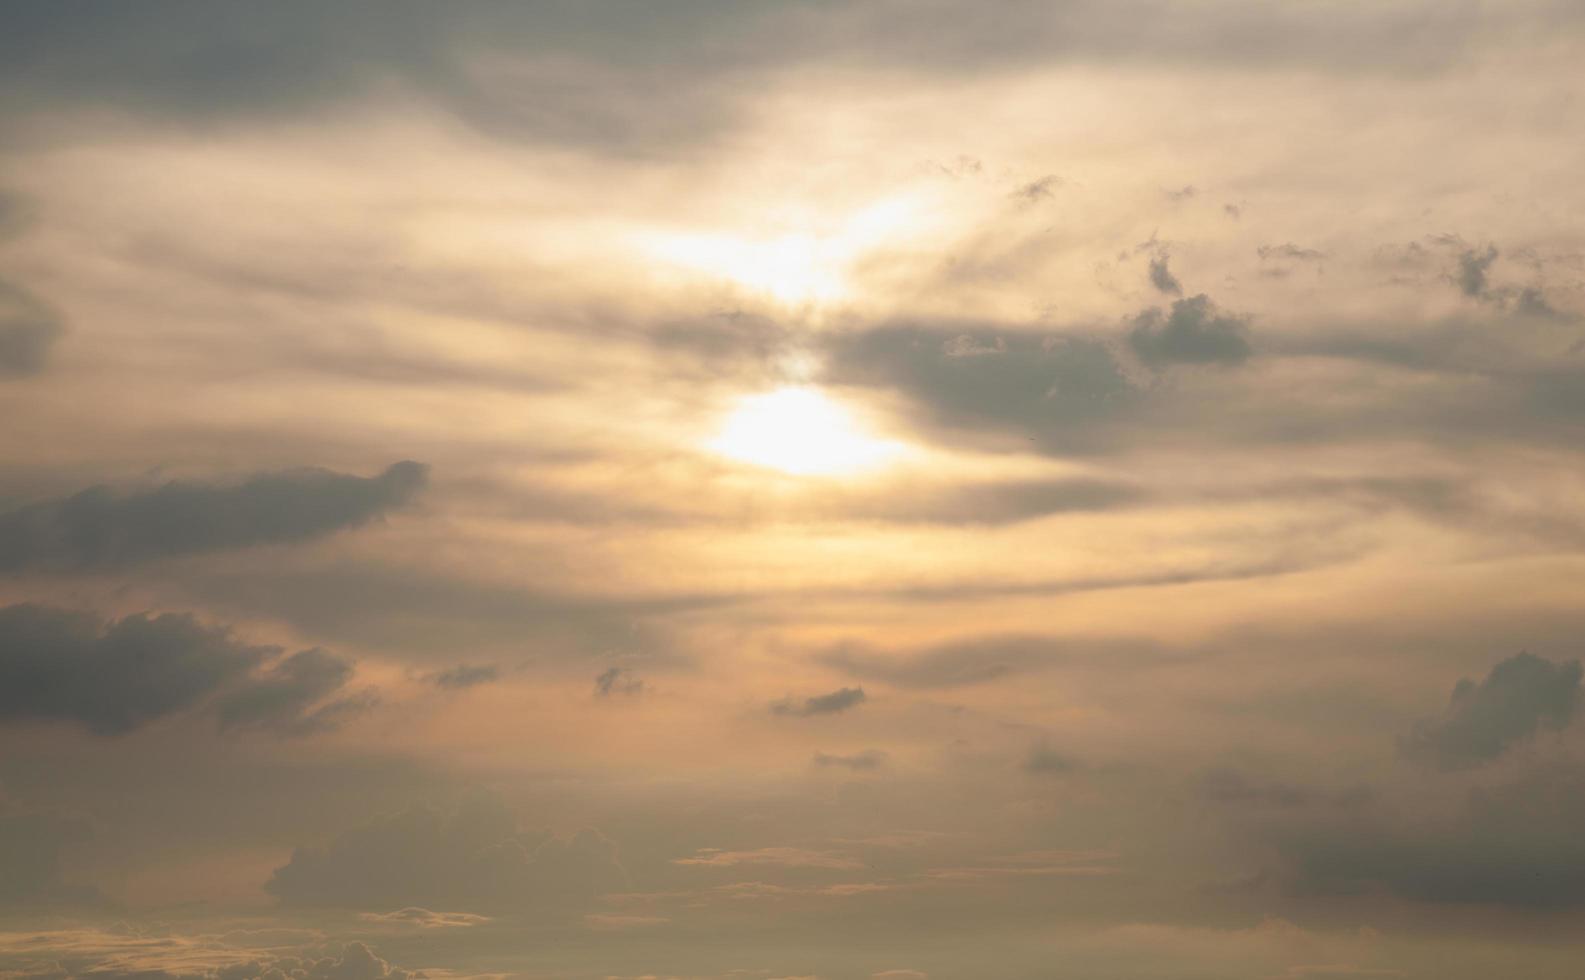 nubes y cielo al atardecer foto